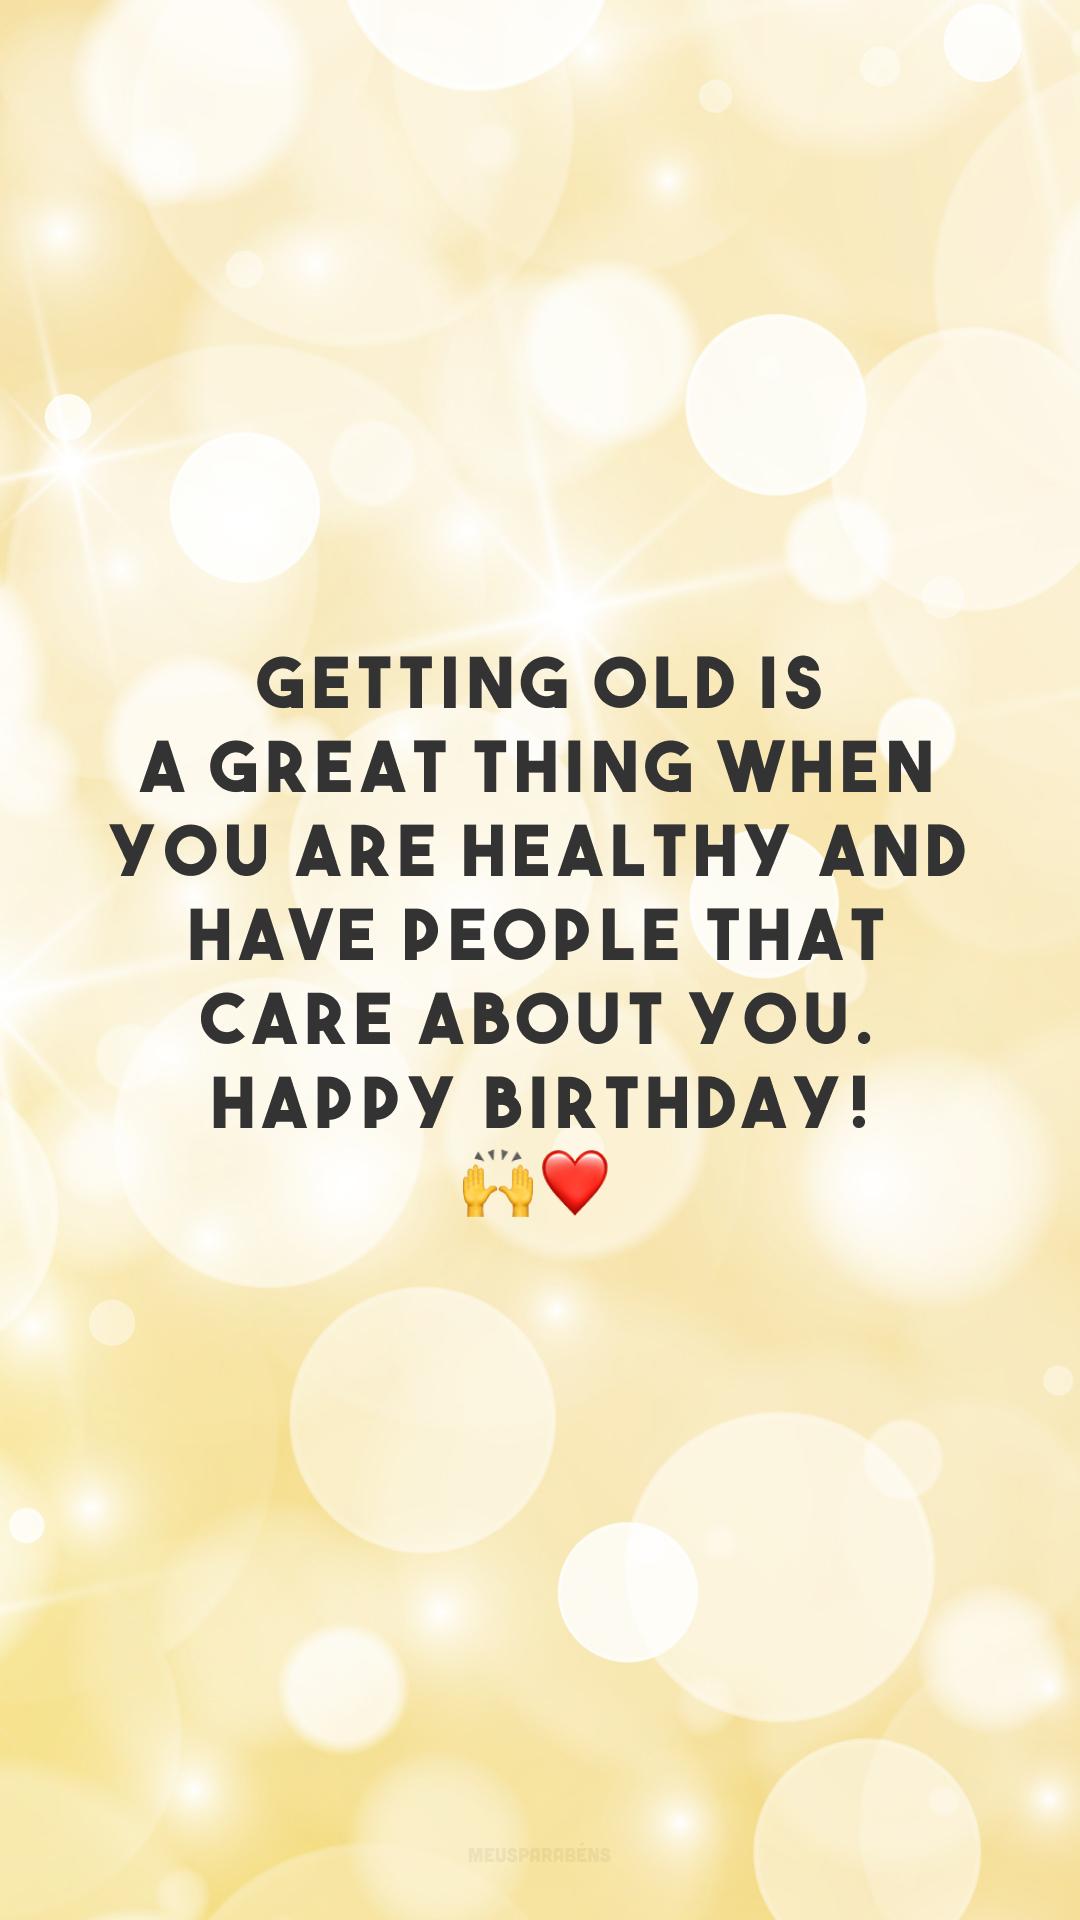 Getting old is a great thing when you are healthy and have people that care about you. Happy birthday! 🙌❤️ (Envelhecer é maravilhoso quando você tem saúde e tem pessoas que se importam com você. Feliz aniversário!)